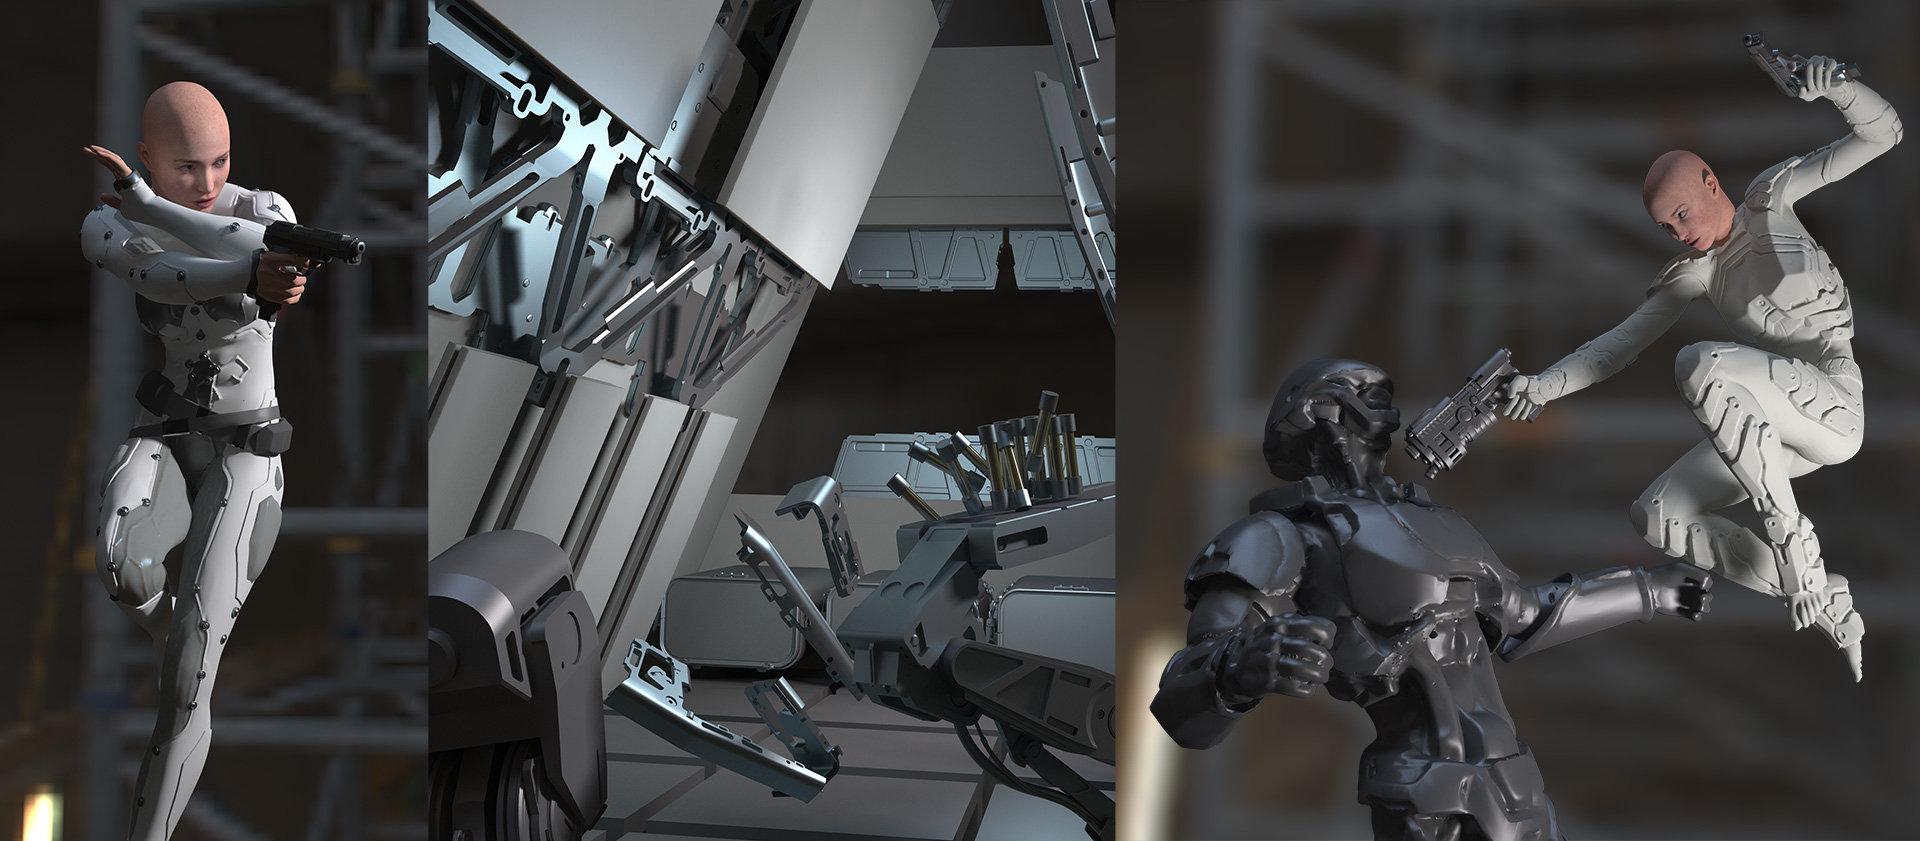 Eureka base